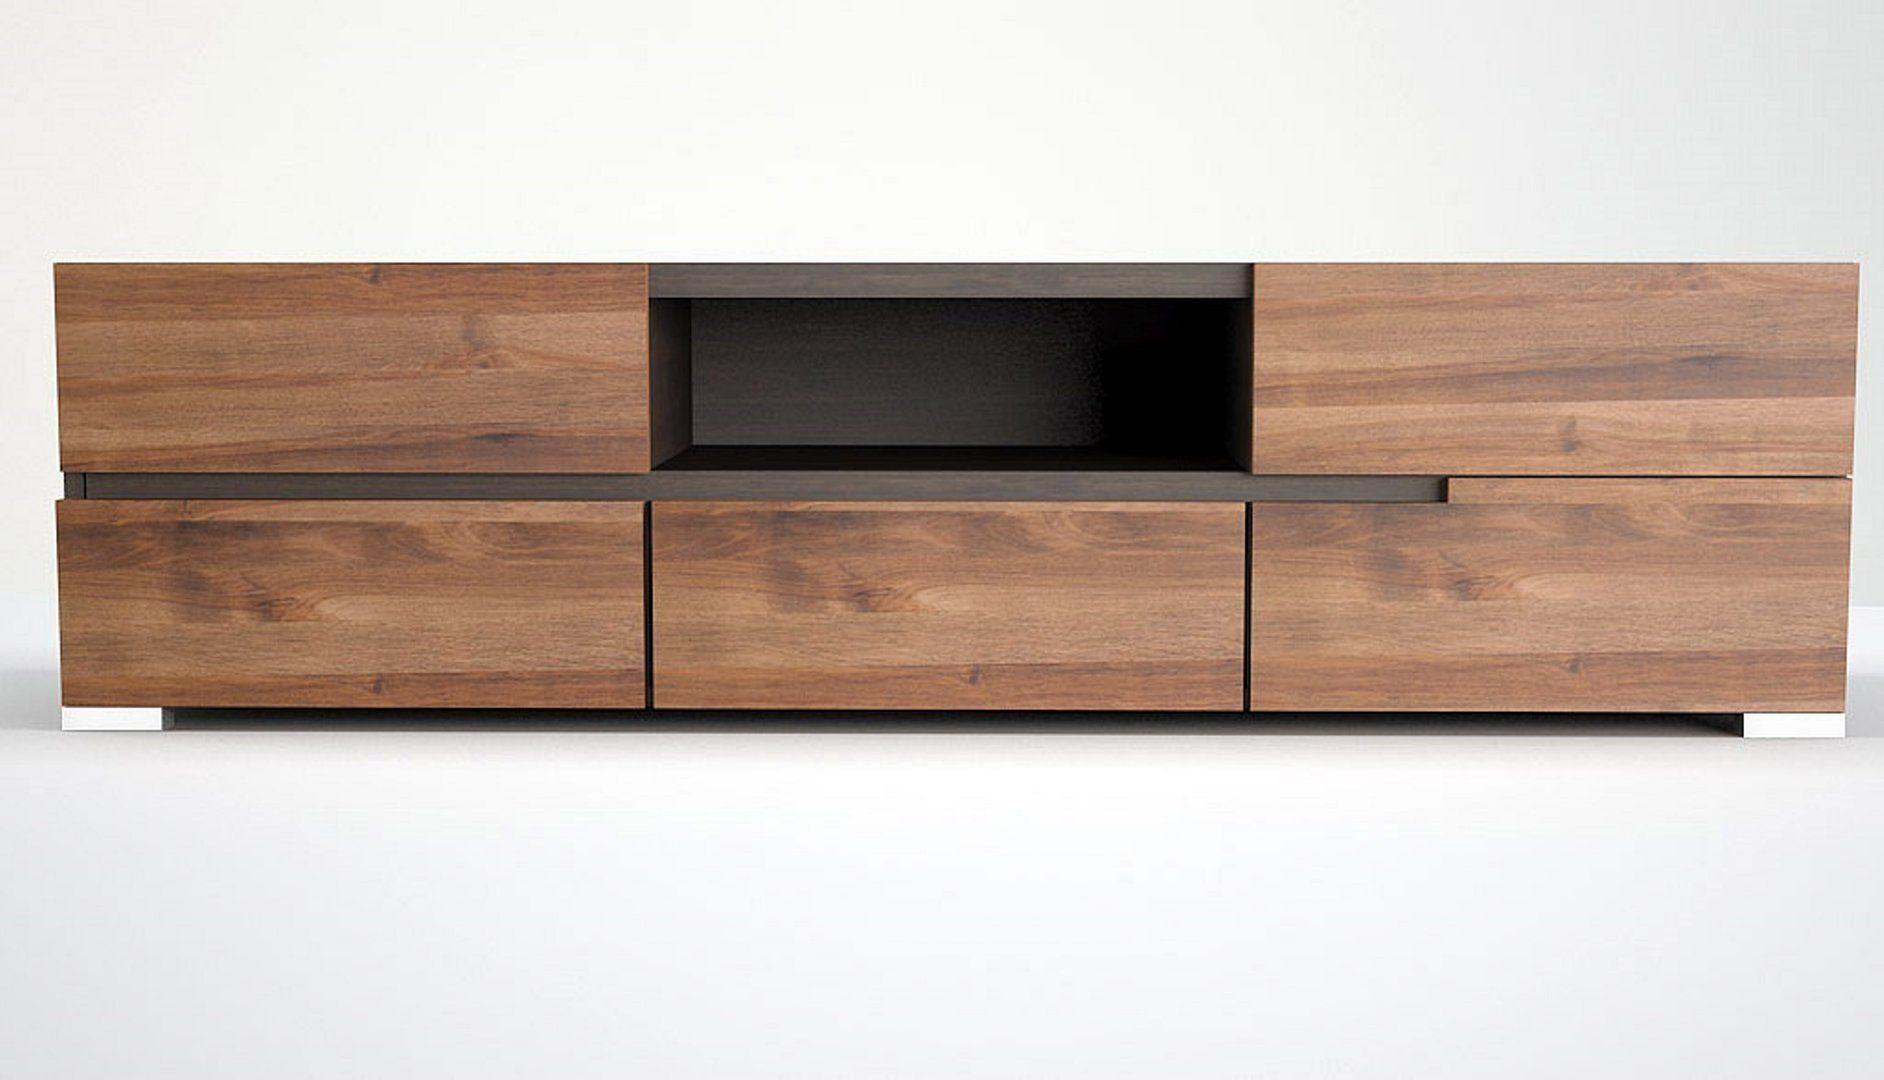 lowboard design möbel inspiration bild und addbbafdaeacea jpg